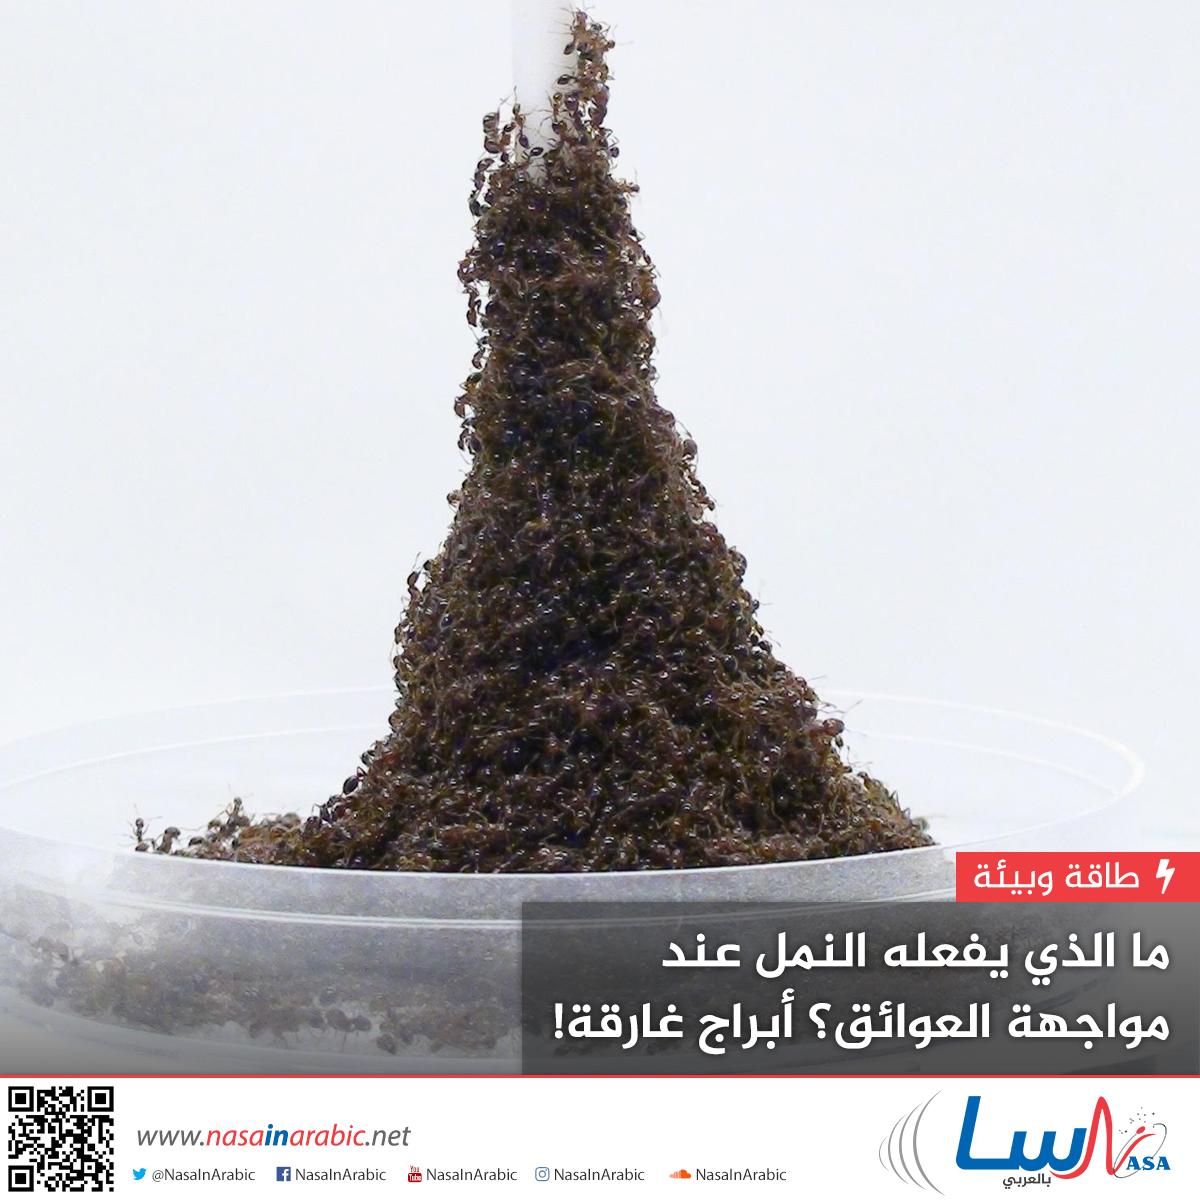 ما الذي يفعله النمل عند مواجهة العوائق؟ أبراج غارقة!